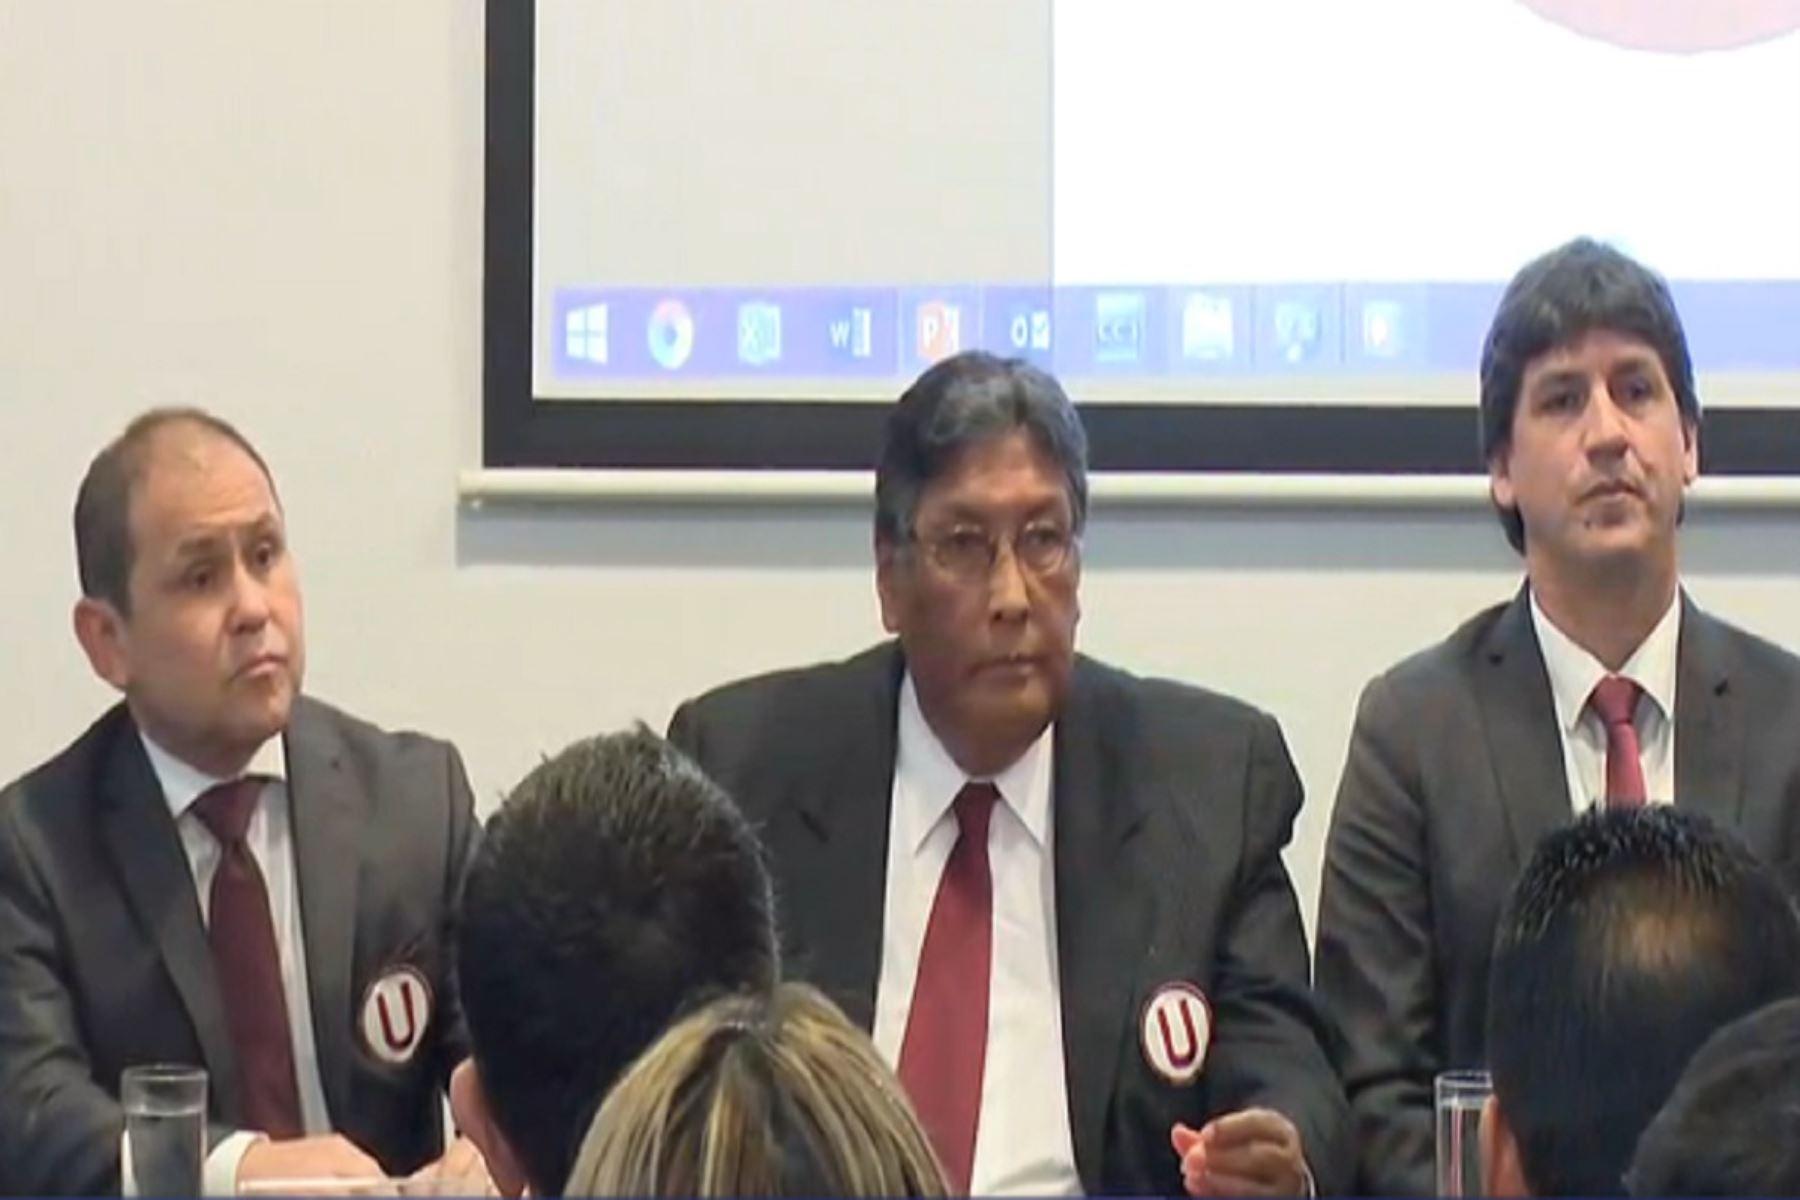 Humberto Leguía, Raúl Leguía y Jean Ferrari encabezan la administración de Universitario de Deportes. Twitter